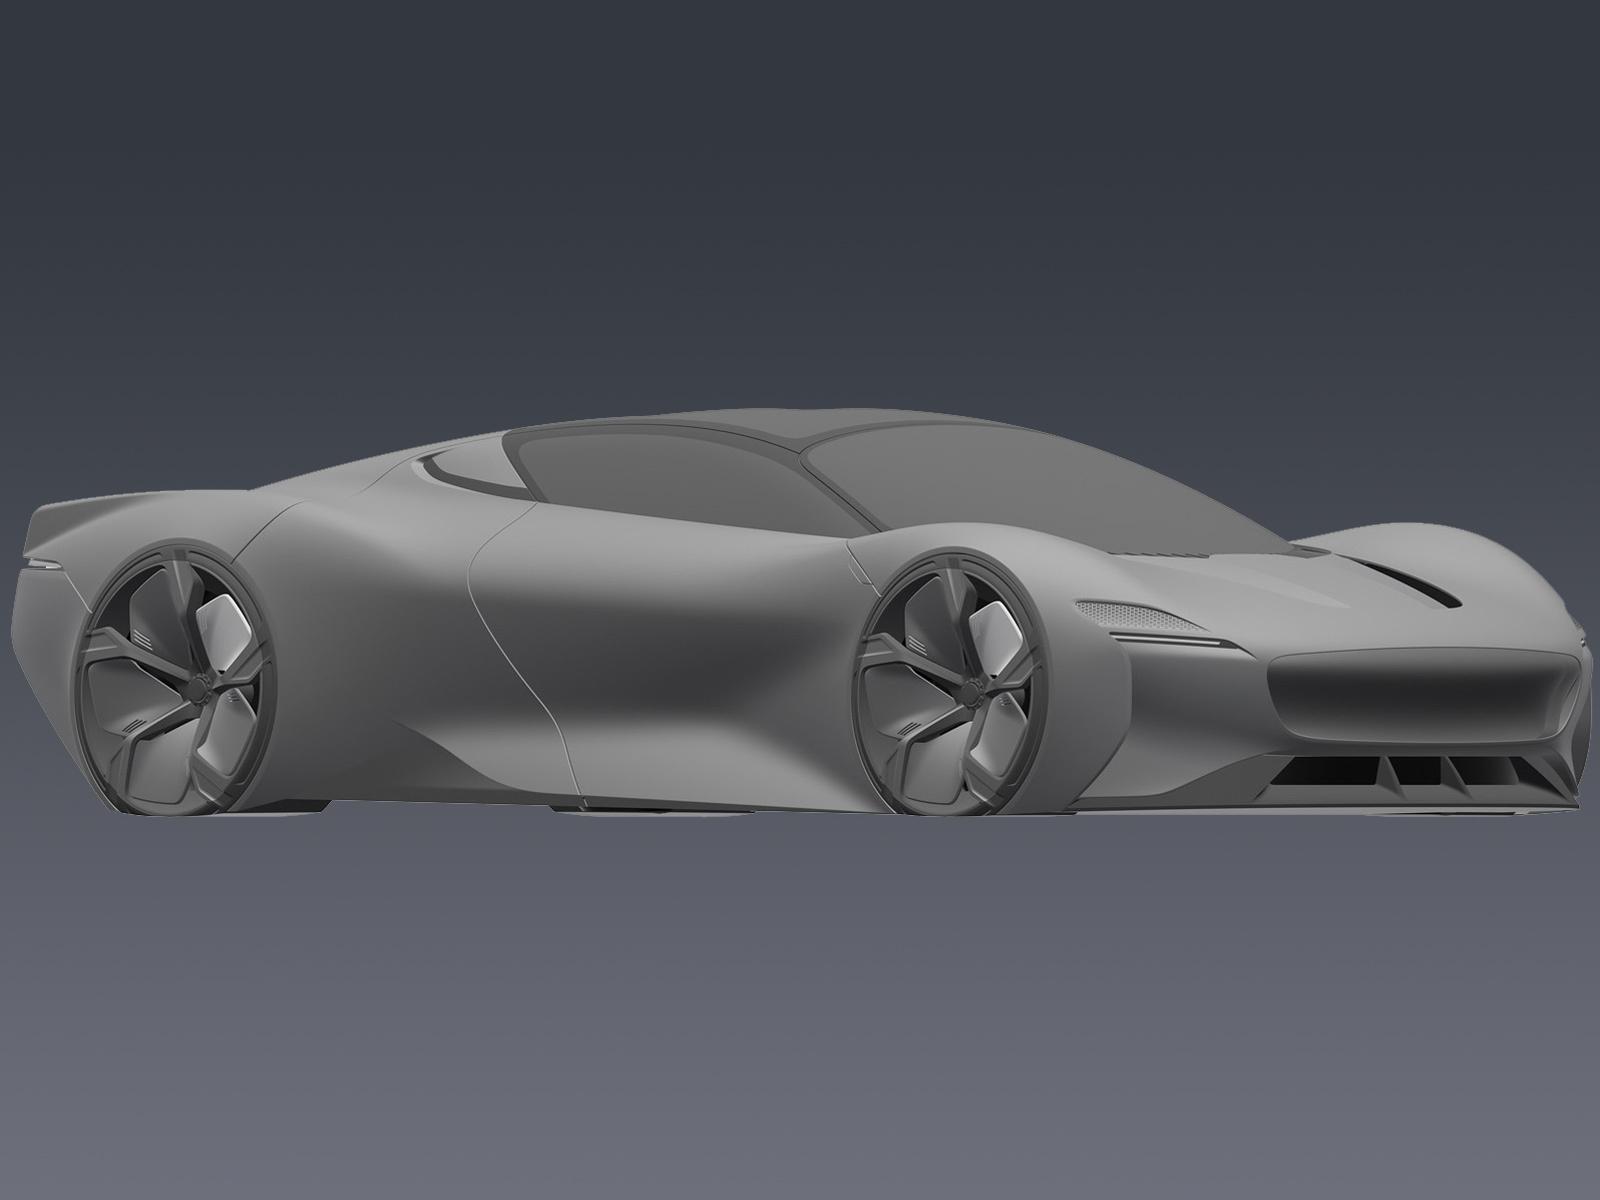 Благодаря участнику 7-го форума Mustang был обнаружен набор патентных изображений, которые, похоже, являются физической версией виртуального гоночного автомобиля Vision Gran Turismo. Что особенно интересно, так это то, что патент был впервые подан ро